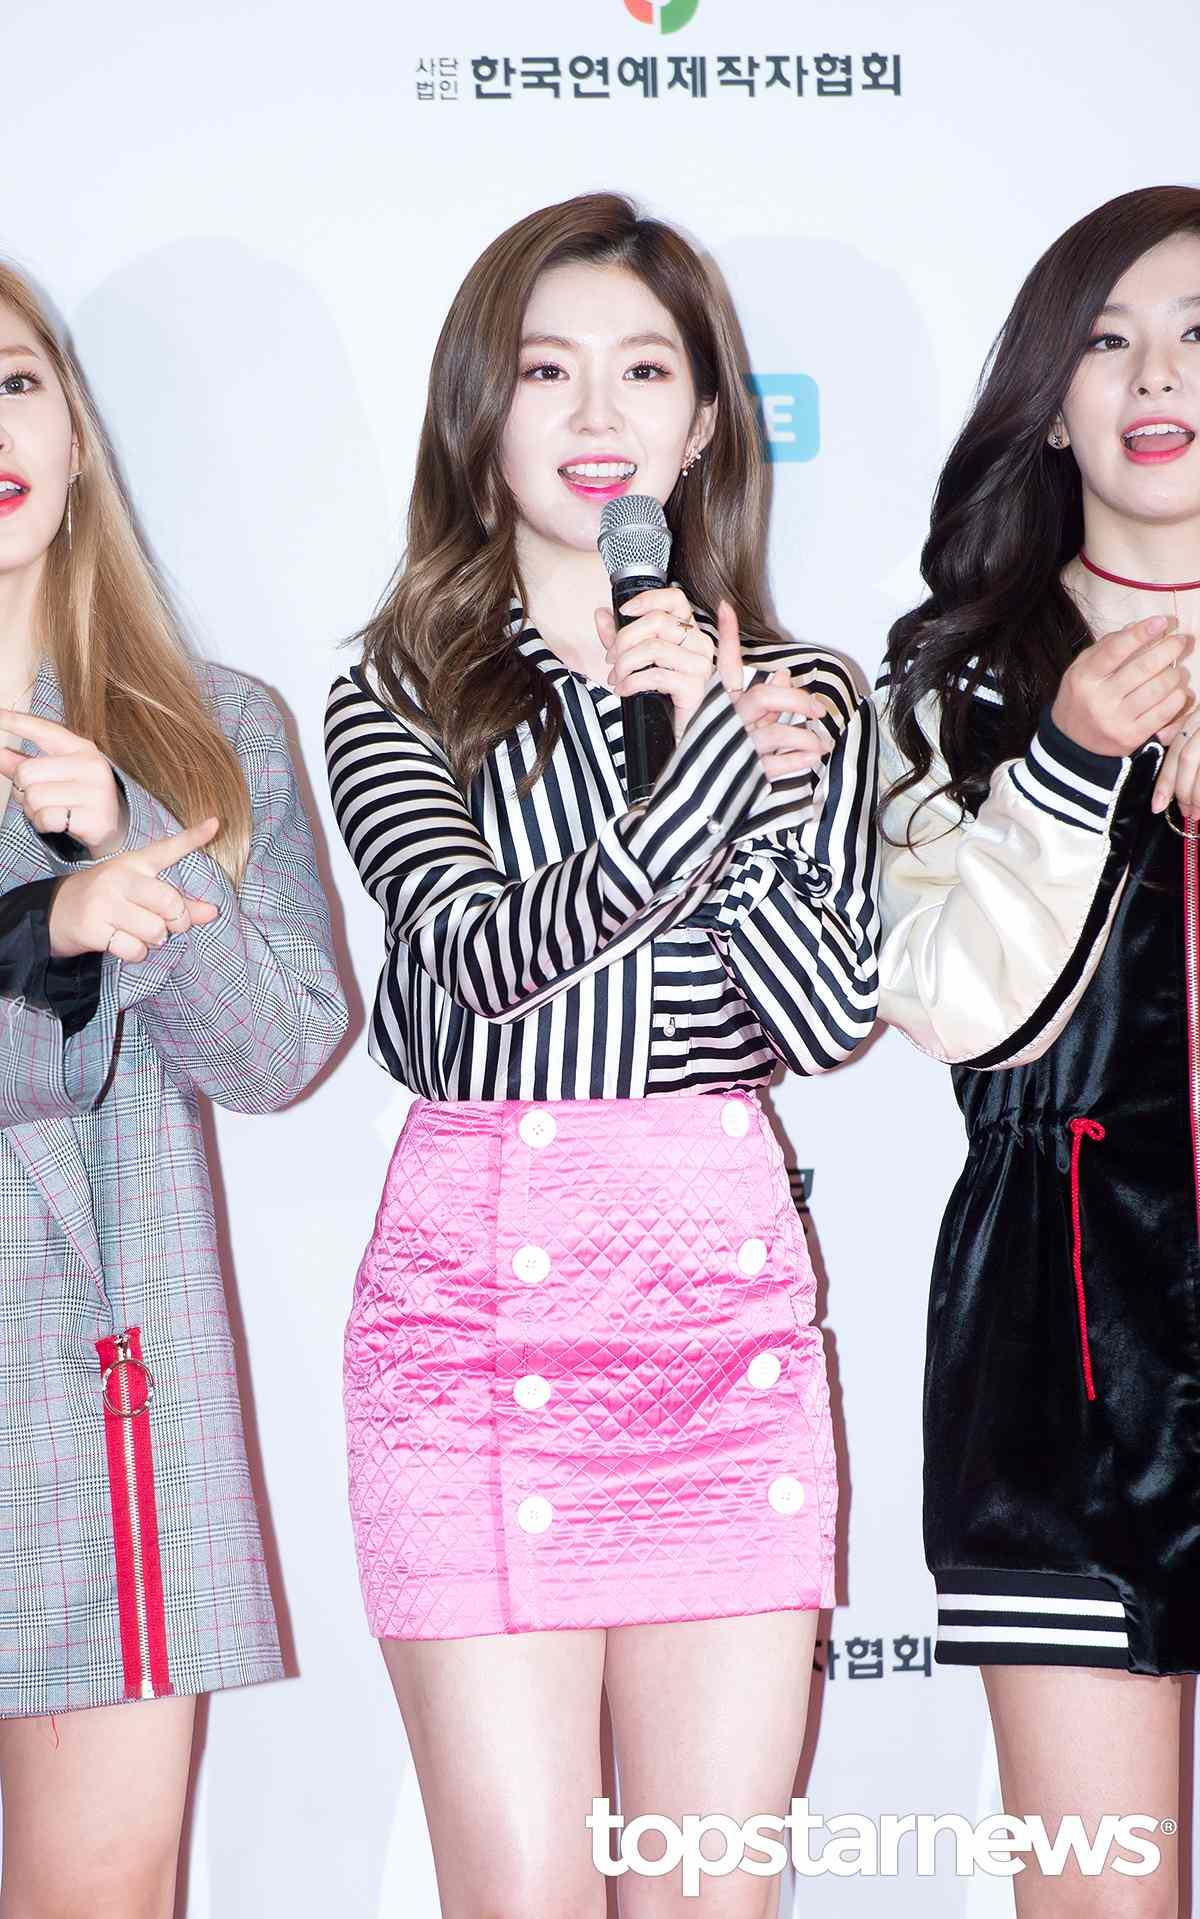 雖然不懂Irene這套格菱紋的緞面裙子…但還是要稱讚一下,避免人家說我們不懂時尚啊!而且其實Red Velvet的服裝雖然有時候很考驗大眾美感,但據說出道初期不少衣服是滿滿親自去國外挑回來的名牌啊!(失敬,失敬~)